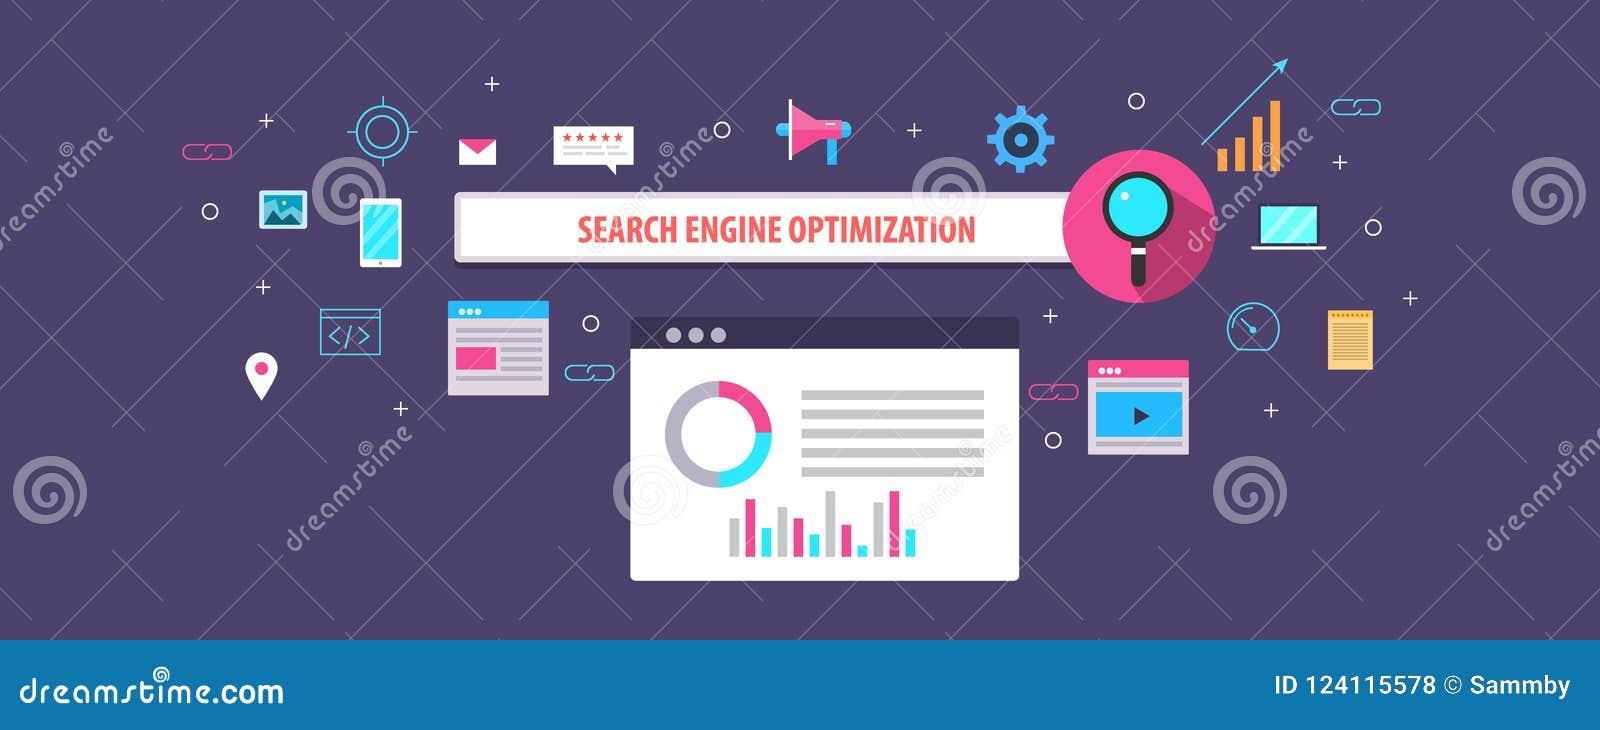 Επίπεδη έννοια σχεδίου της βελτιστοποίησης μηχανών αναζήτησης, του seo, της ταξινόμησης αναζήτησης και της διαφάνειας στον Ιστό